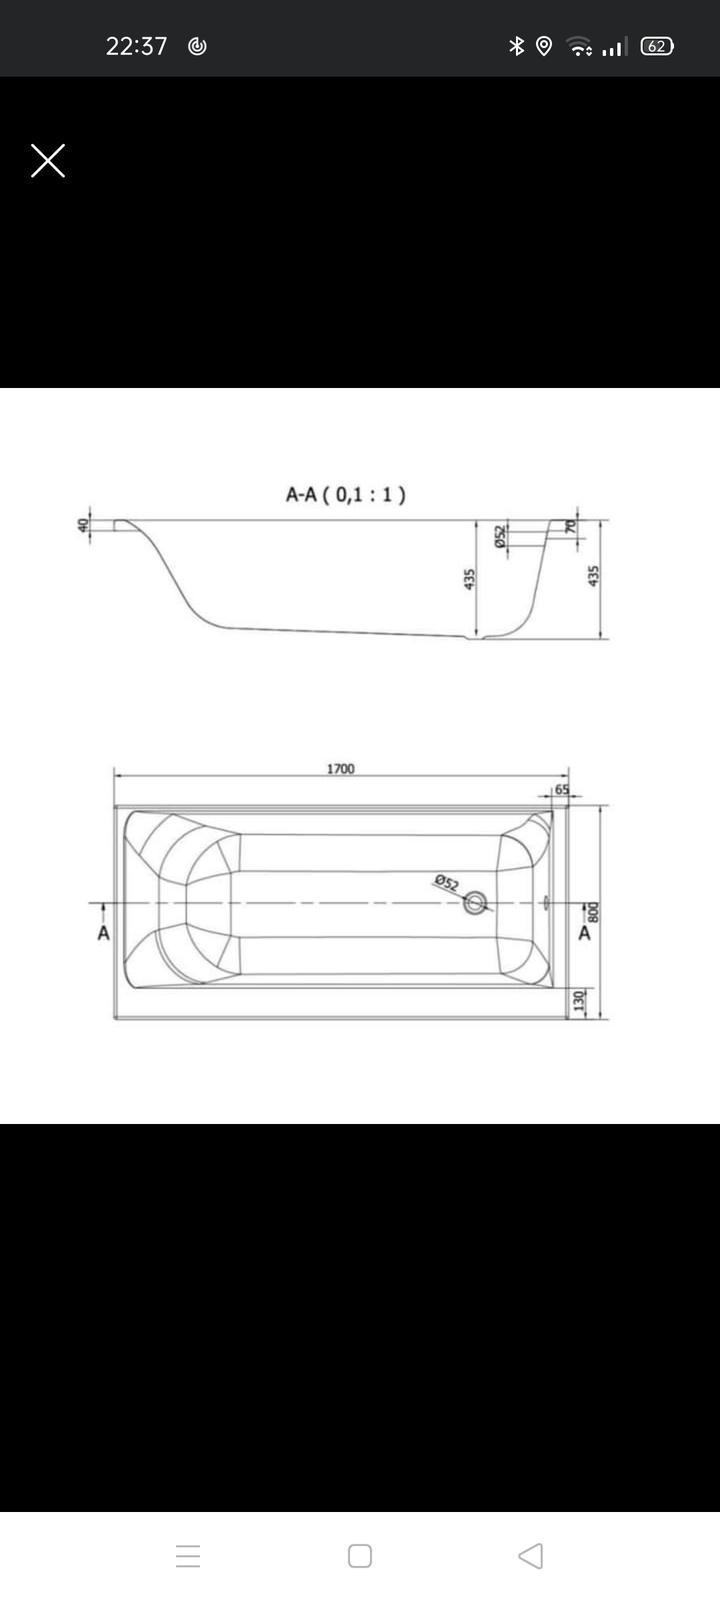 Cersanit Smart vana levá 170/80 - Obrázek č. 2